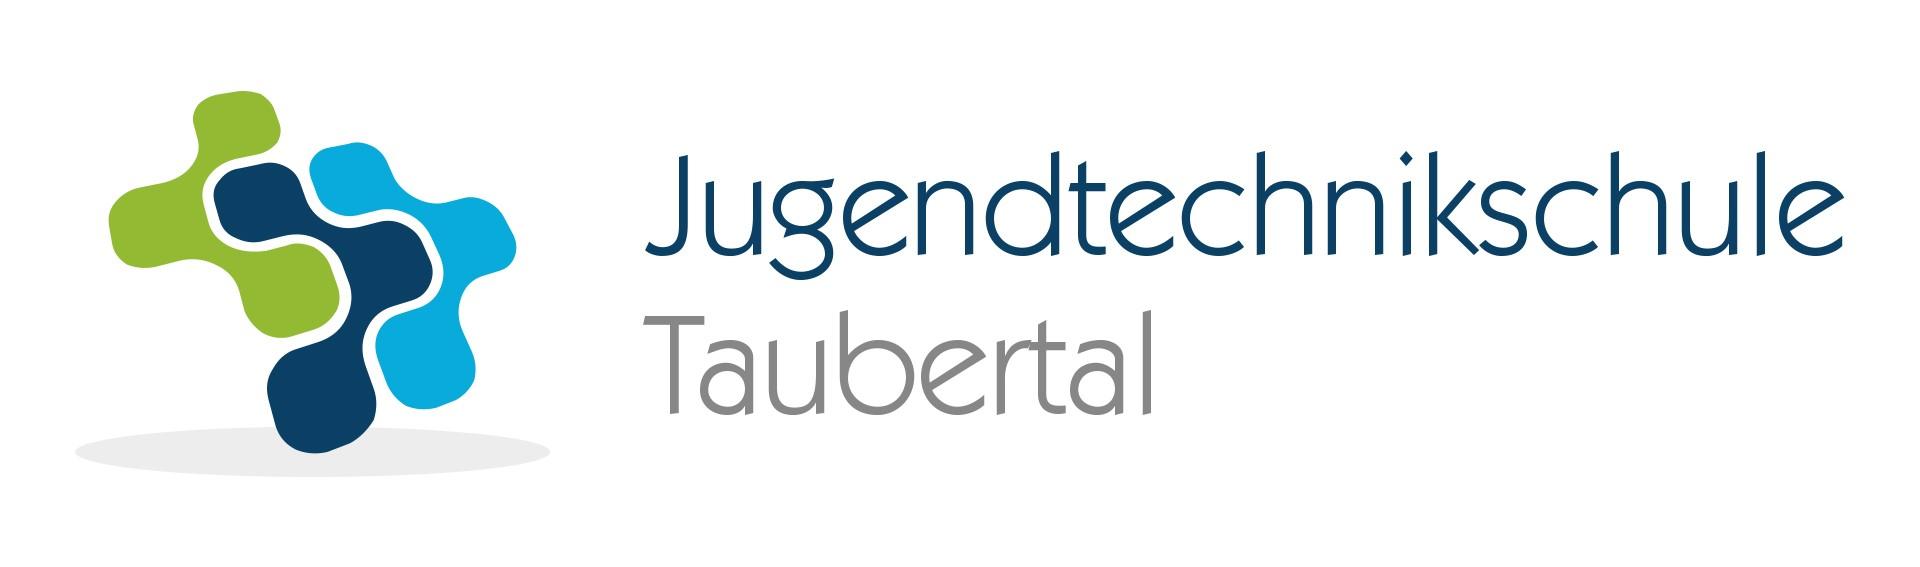 Jugendtechnikschule Taubertal